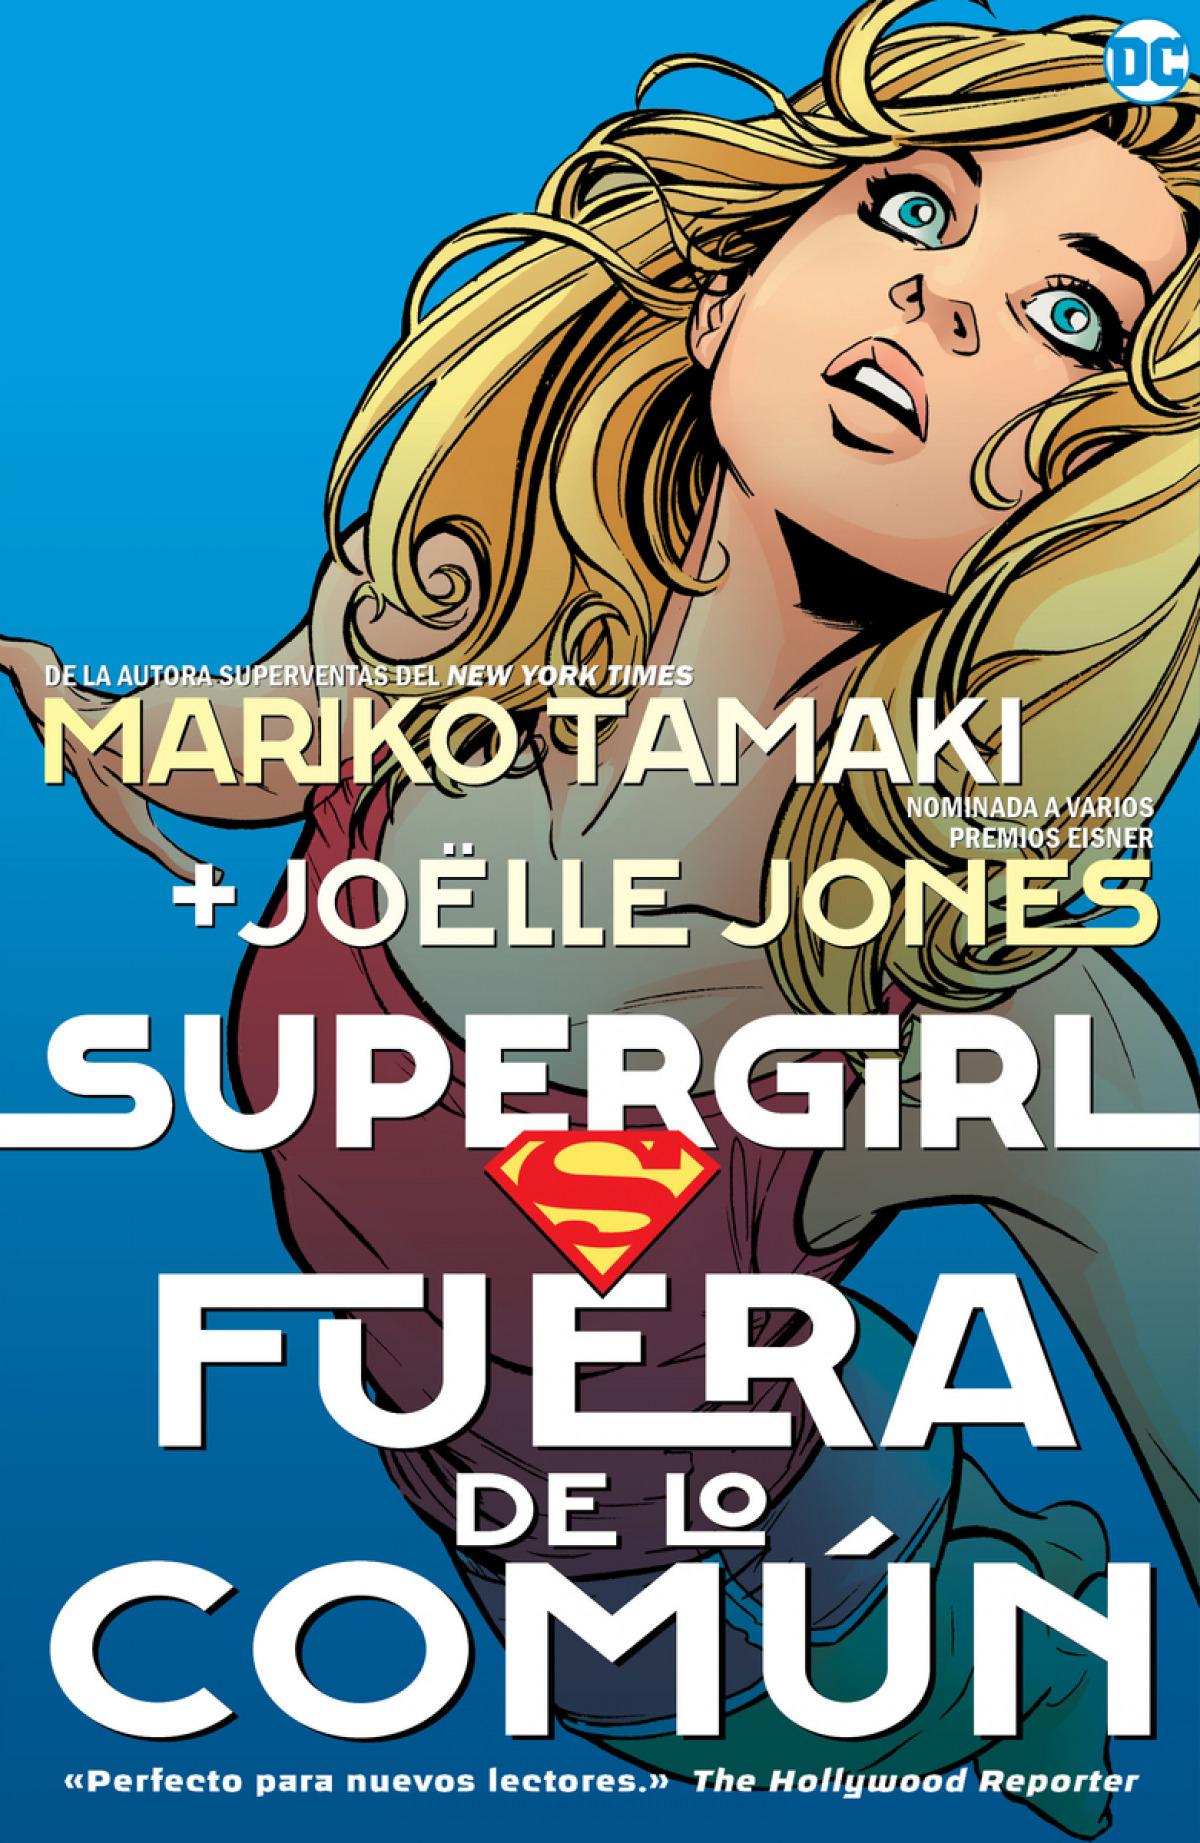 Supergirl fuera de lo común